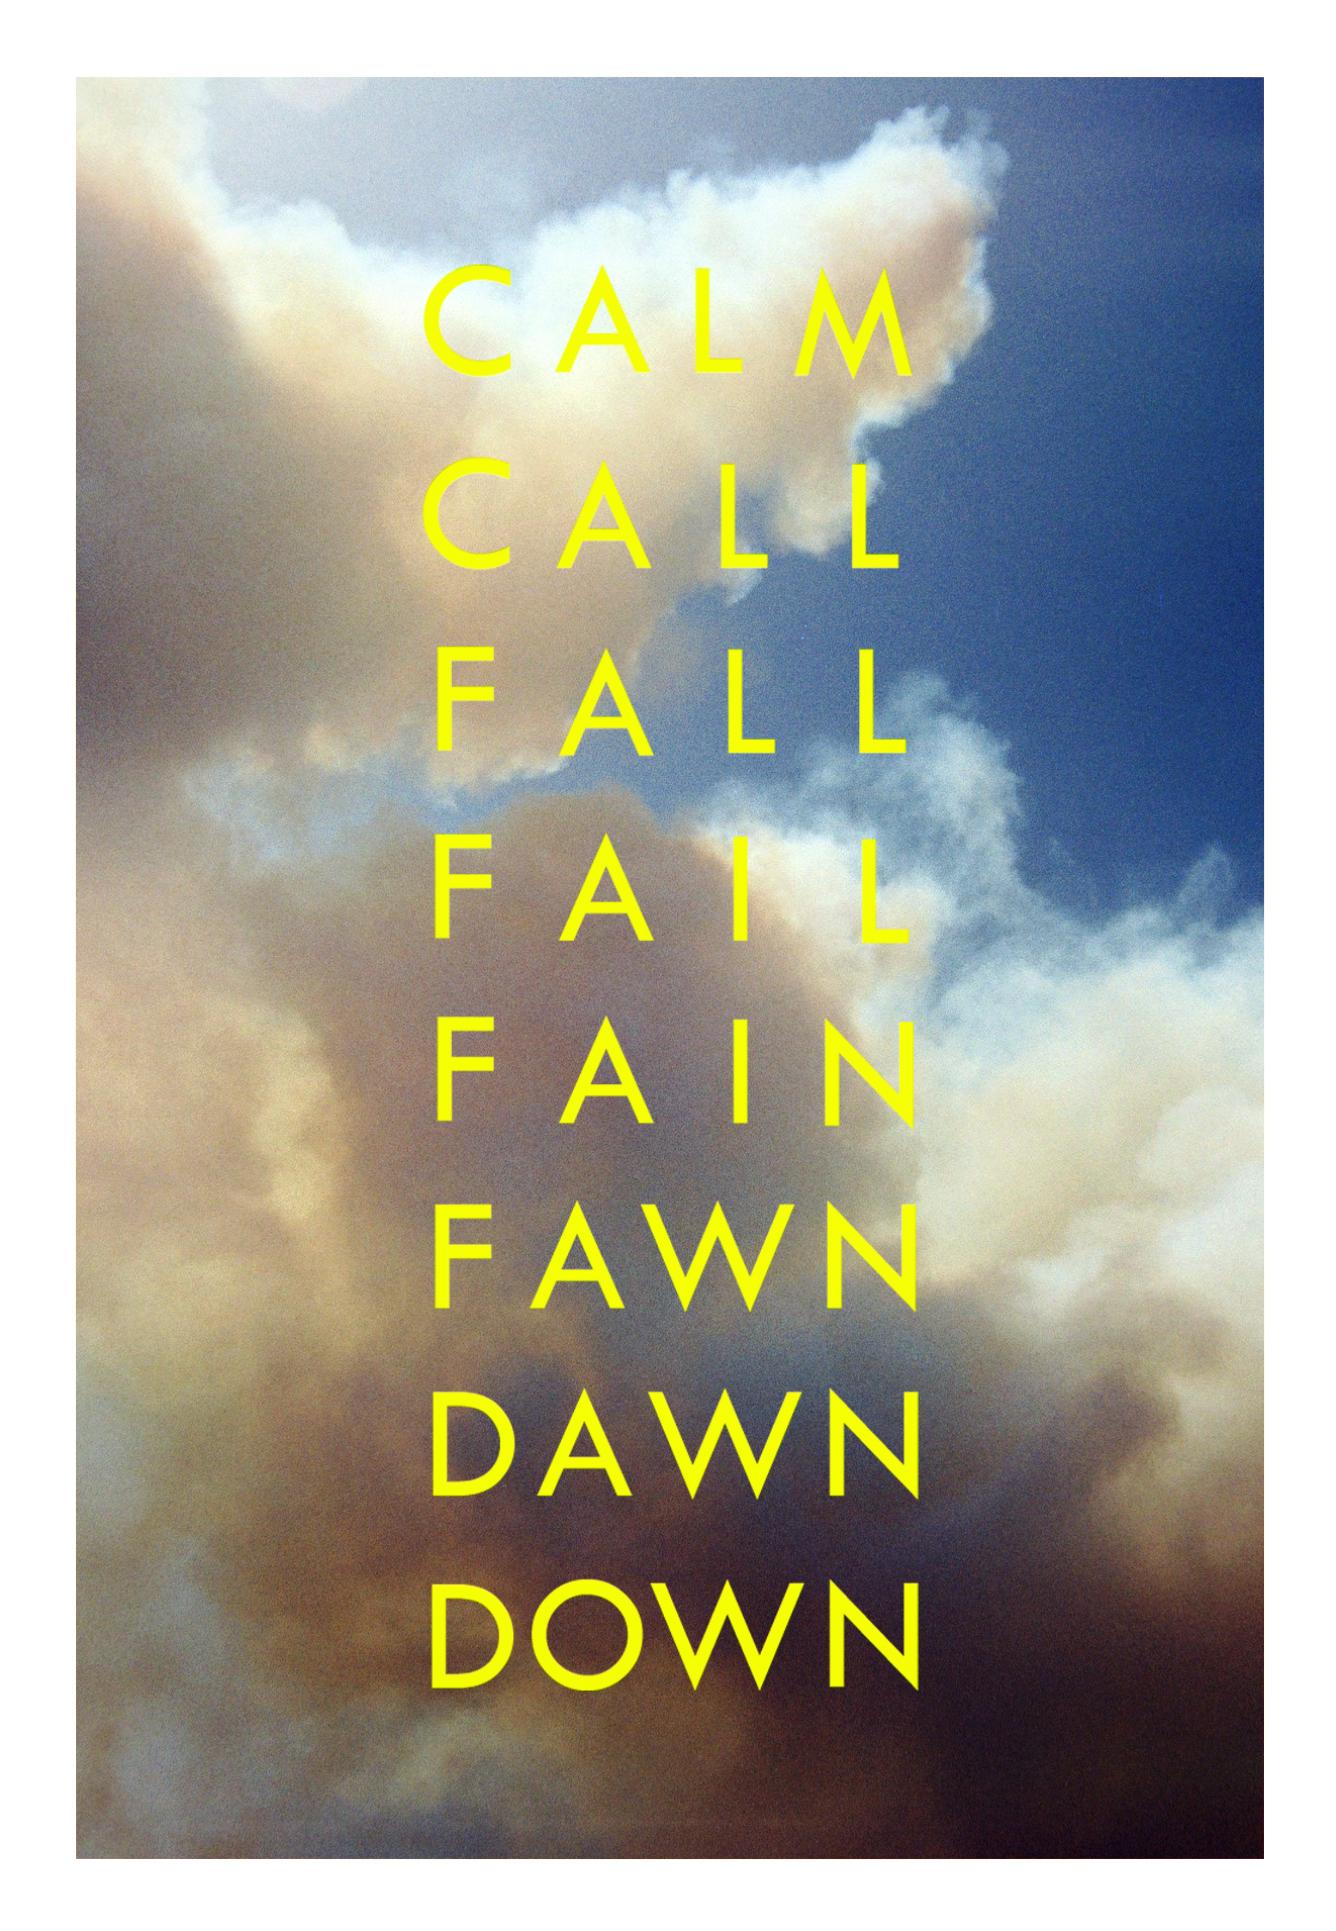 calmdown.jpg